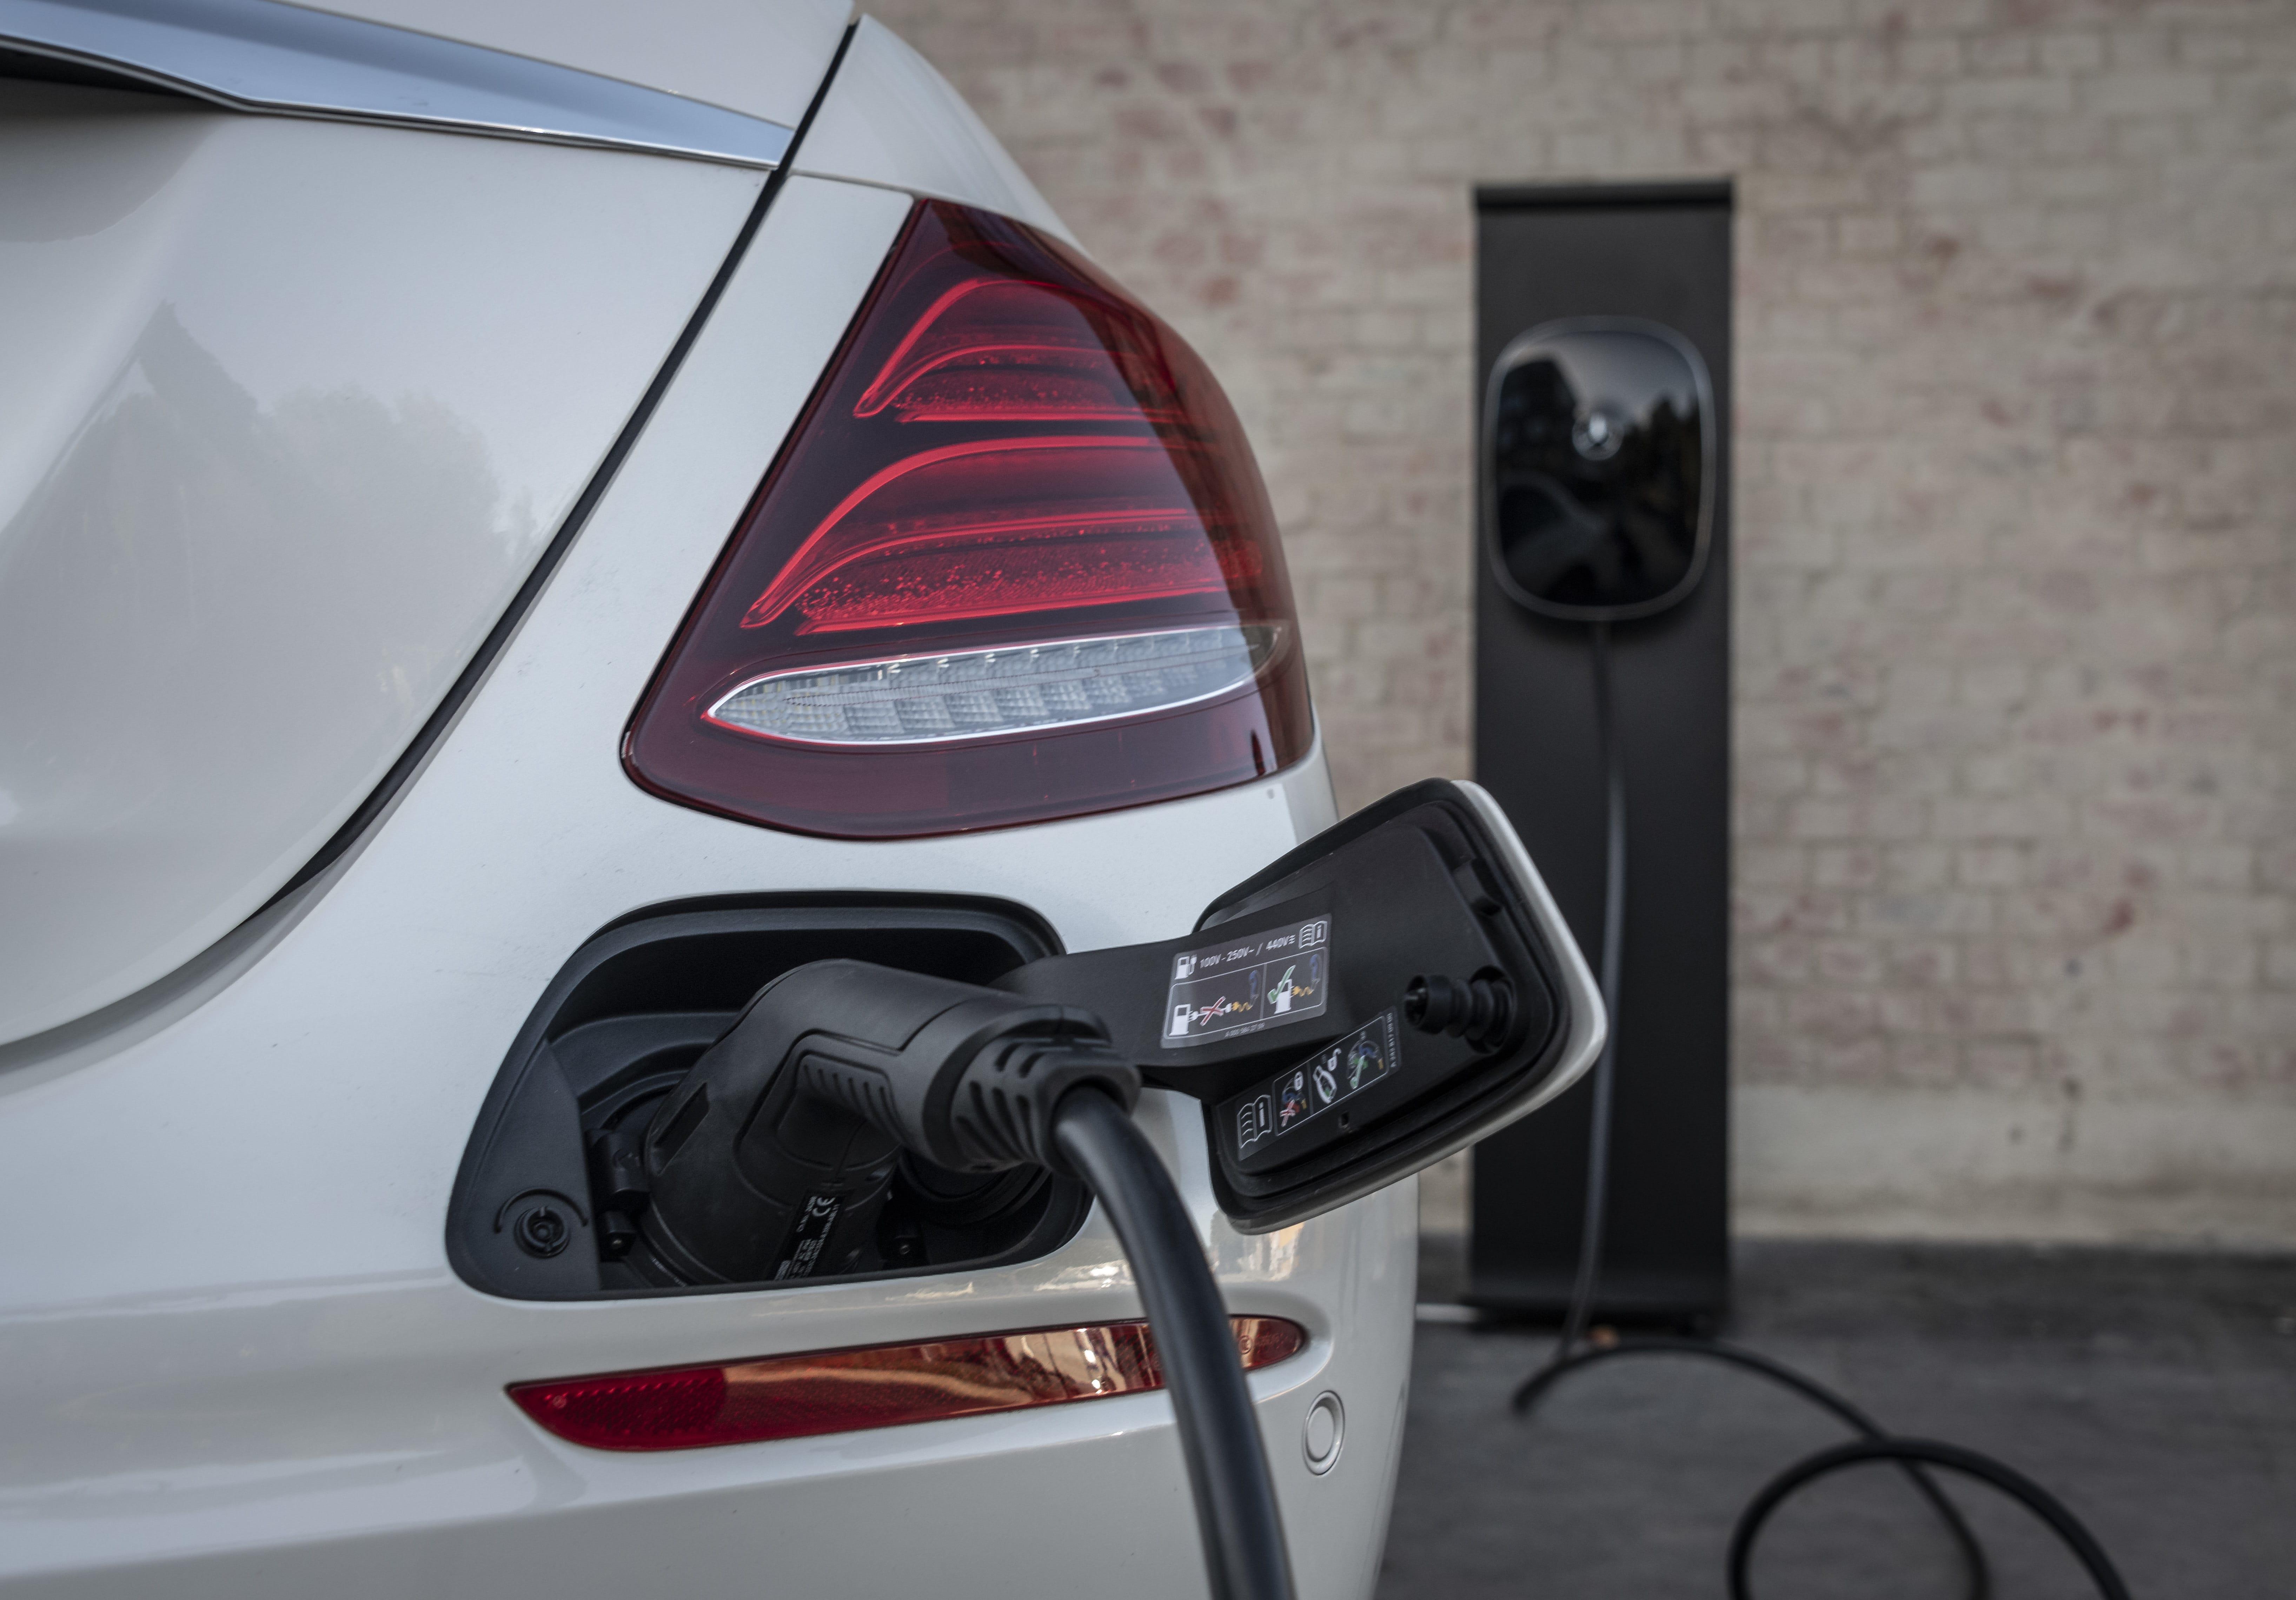 Test dig selv: Passer dit behov til en elbil?